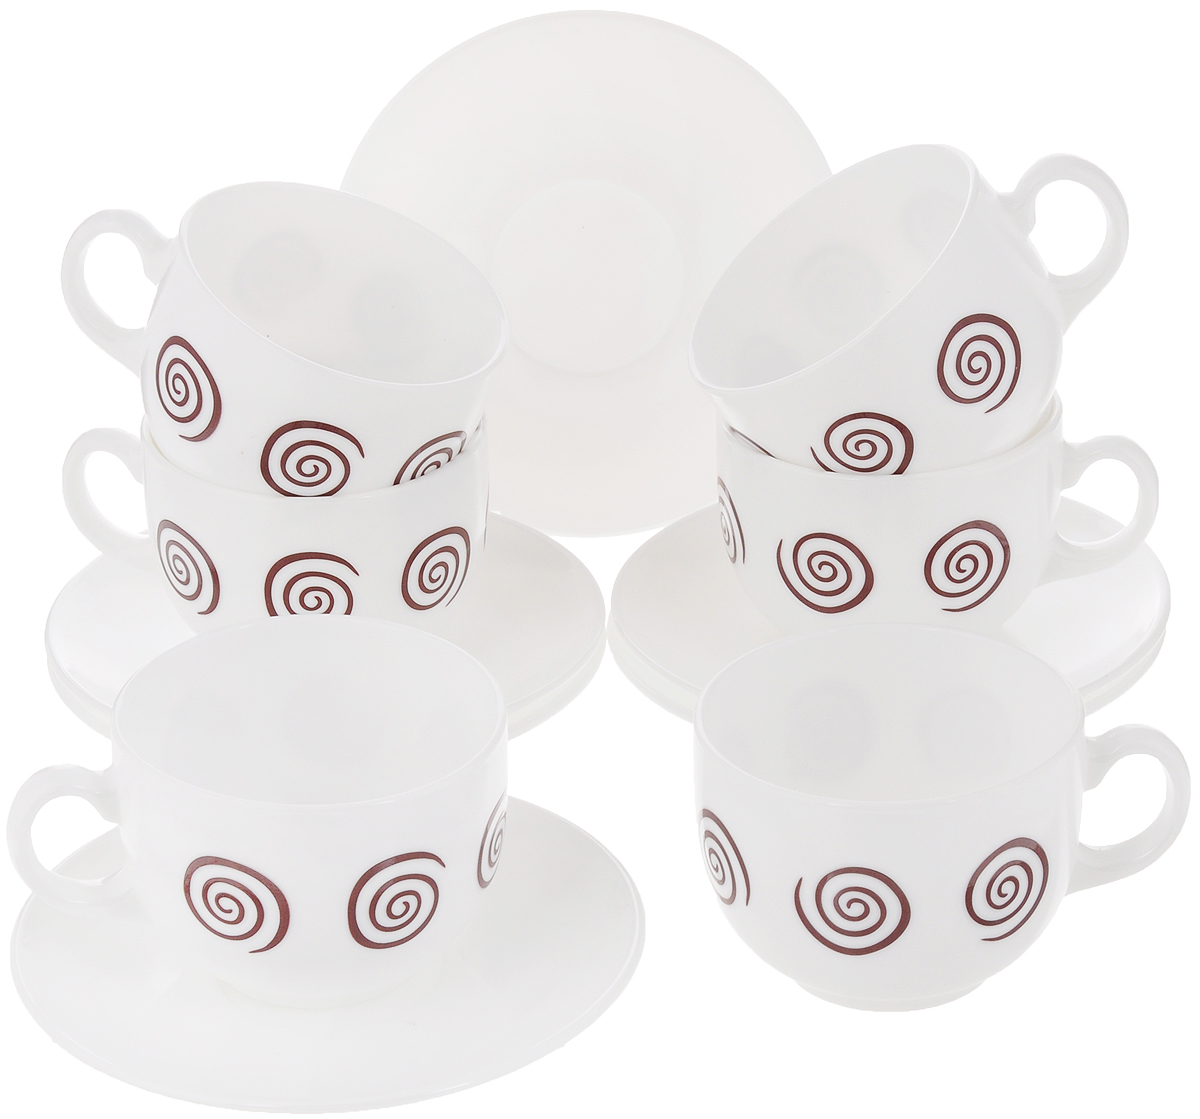 Набор чайный Luminarc Sirocco Brown, 12 предметов115510Чайный набор Luminarc Sirocco Brown состоит из 6 чашек и 6 блюдец. Изделия, выполненные из высококачественного ударопрочного стекла, имеют элегантный дизайн с красивым рисунком. Посуда отличается прочностью, гигиеничностью и долгим сроком службы, она устойчива к появлению царапин и резким перепадам температур. Такой набор прекрасно подойдет как для повседневного использования, так и для праздников. Чайный набор Luminarc Sirocco Brown - это не только яркий и полезный подарок для родных и близких, это также великолепное дизайнерское решение для вашей кухни или столовой. Объем чашки: 220 мл. Диаметр чашки (по верхнему краю): 8 см. Высота чашки: 6,5 см.Диаметр блюдца: 13 см.